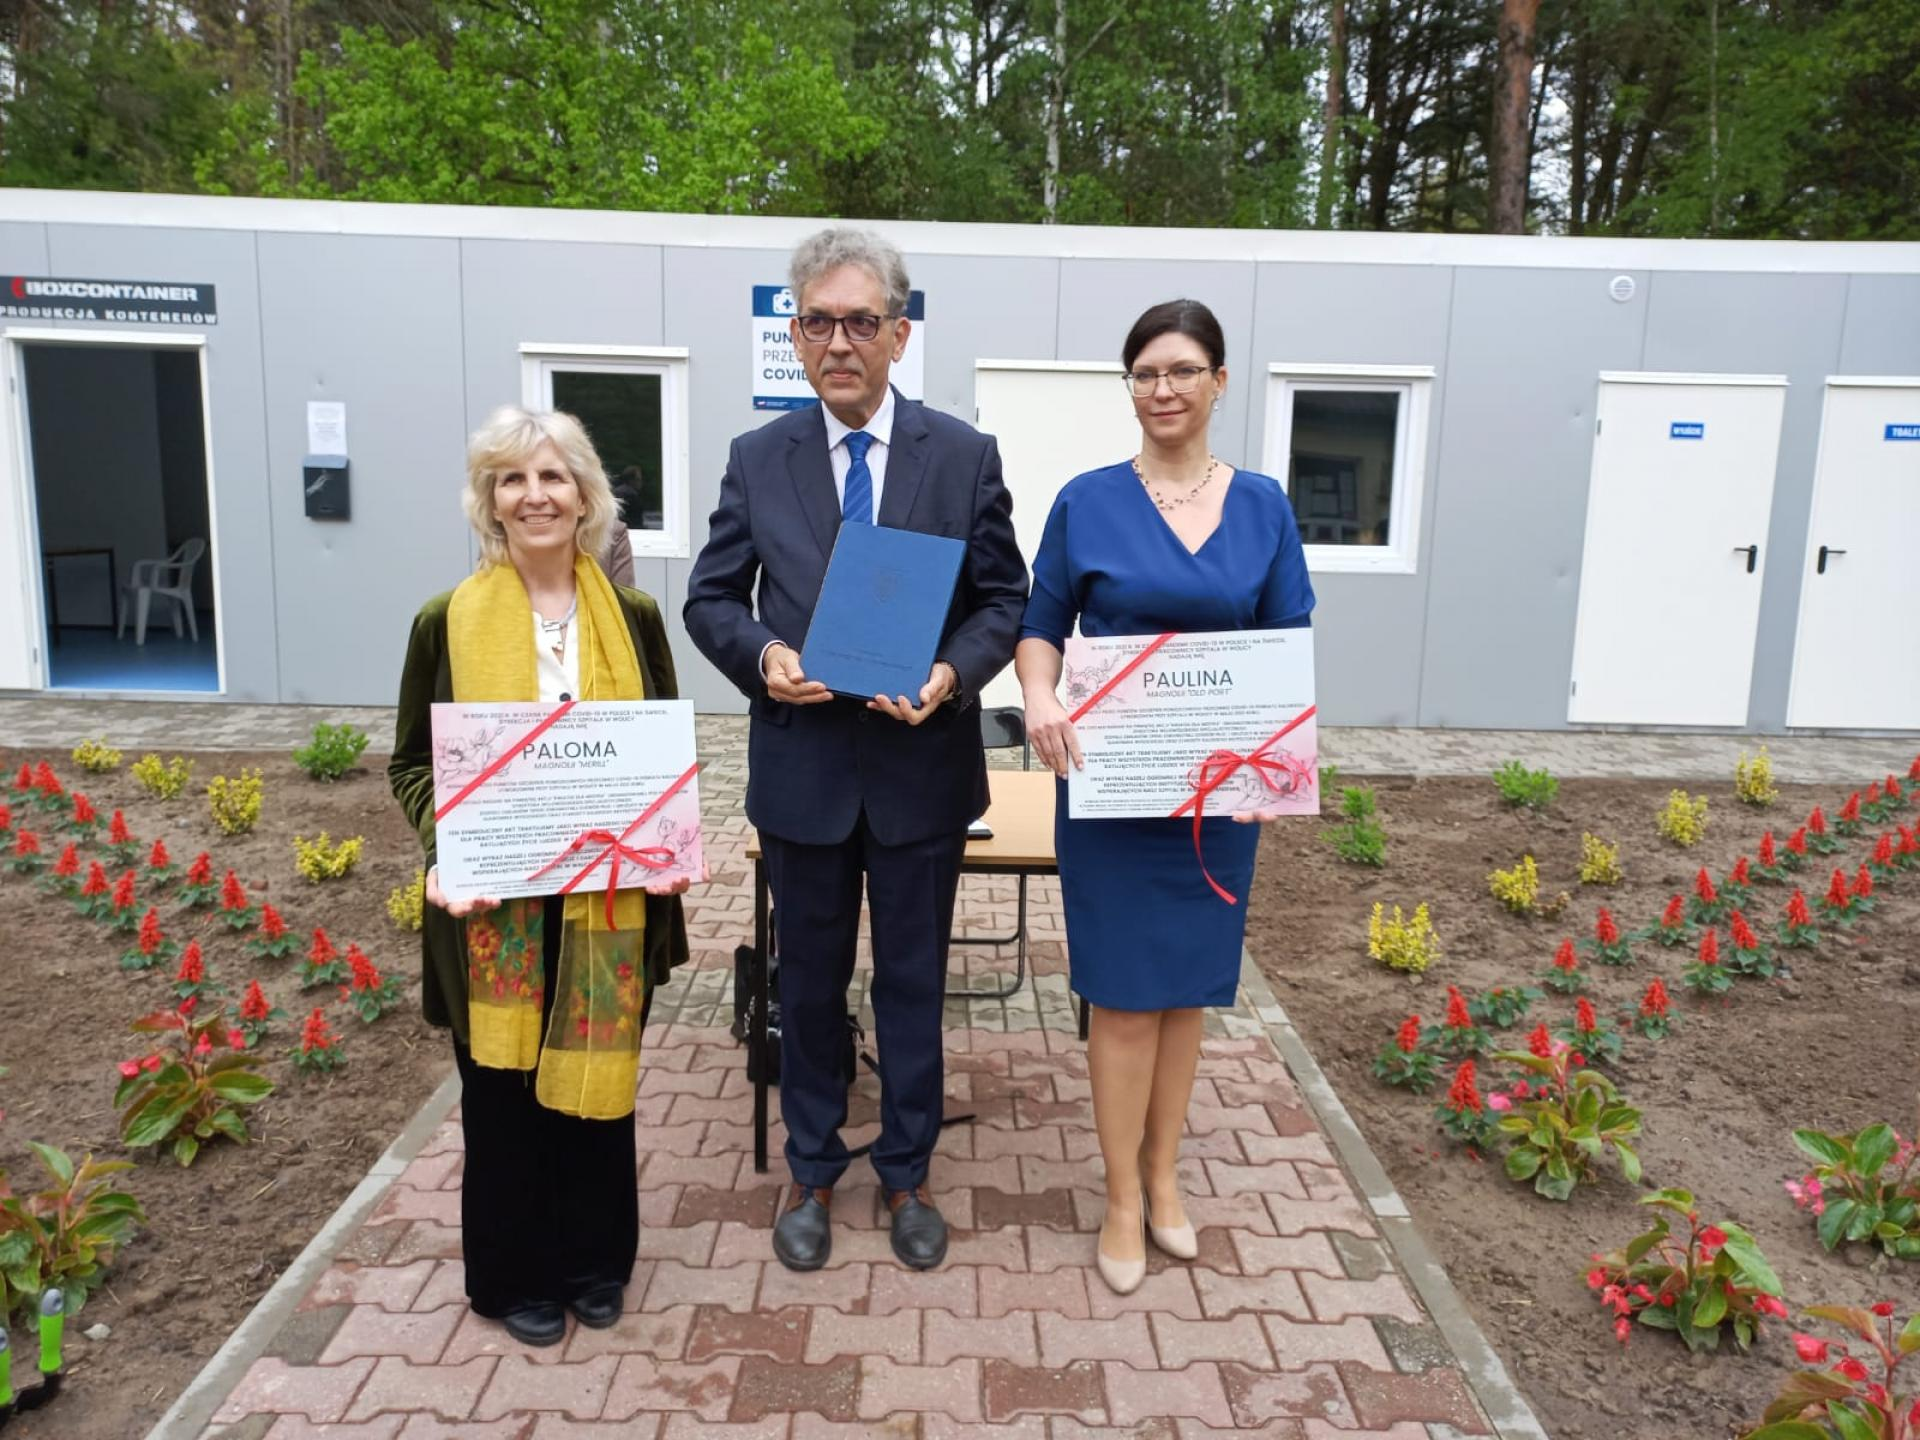 Przedstawicielka WHO odwiedziła szpital w Wolicy - zobacz więcej